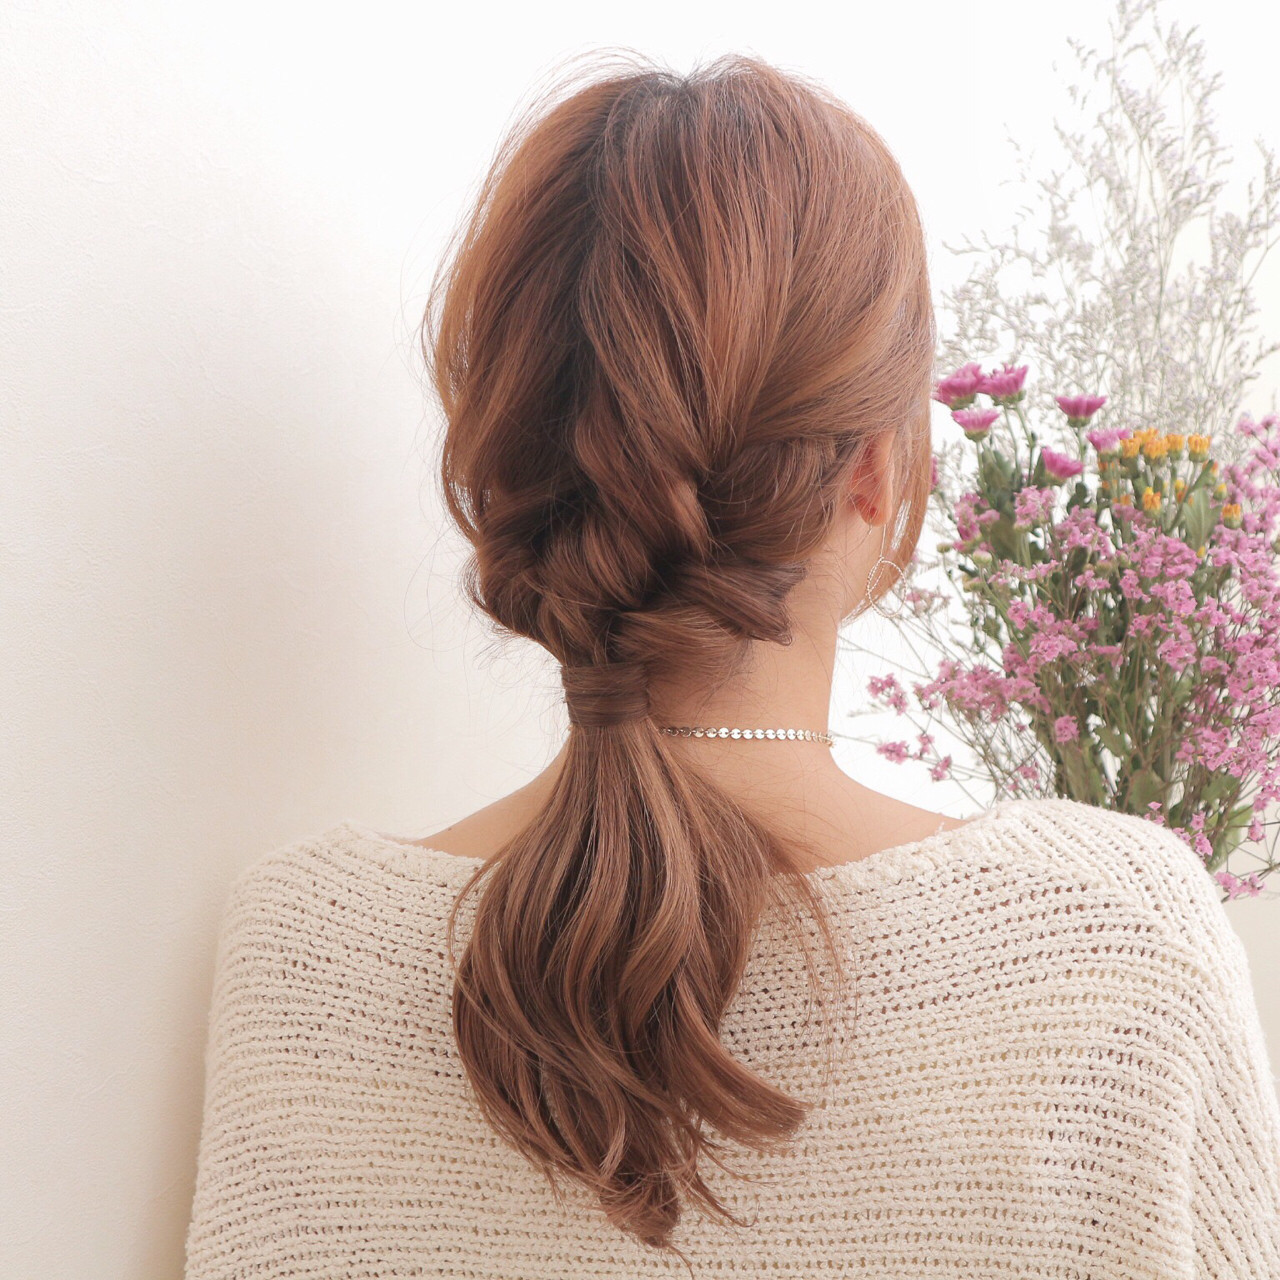 三つ編みとくるりんぱで編みおろし風アレンジ 桑村亮太/CALIF hair store函館/CALIF hair store/キャリフ ヘアストア